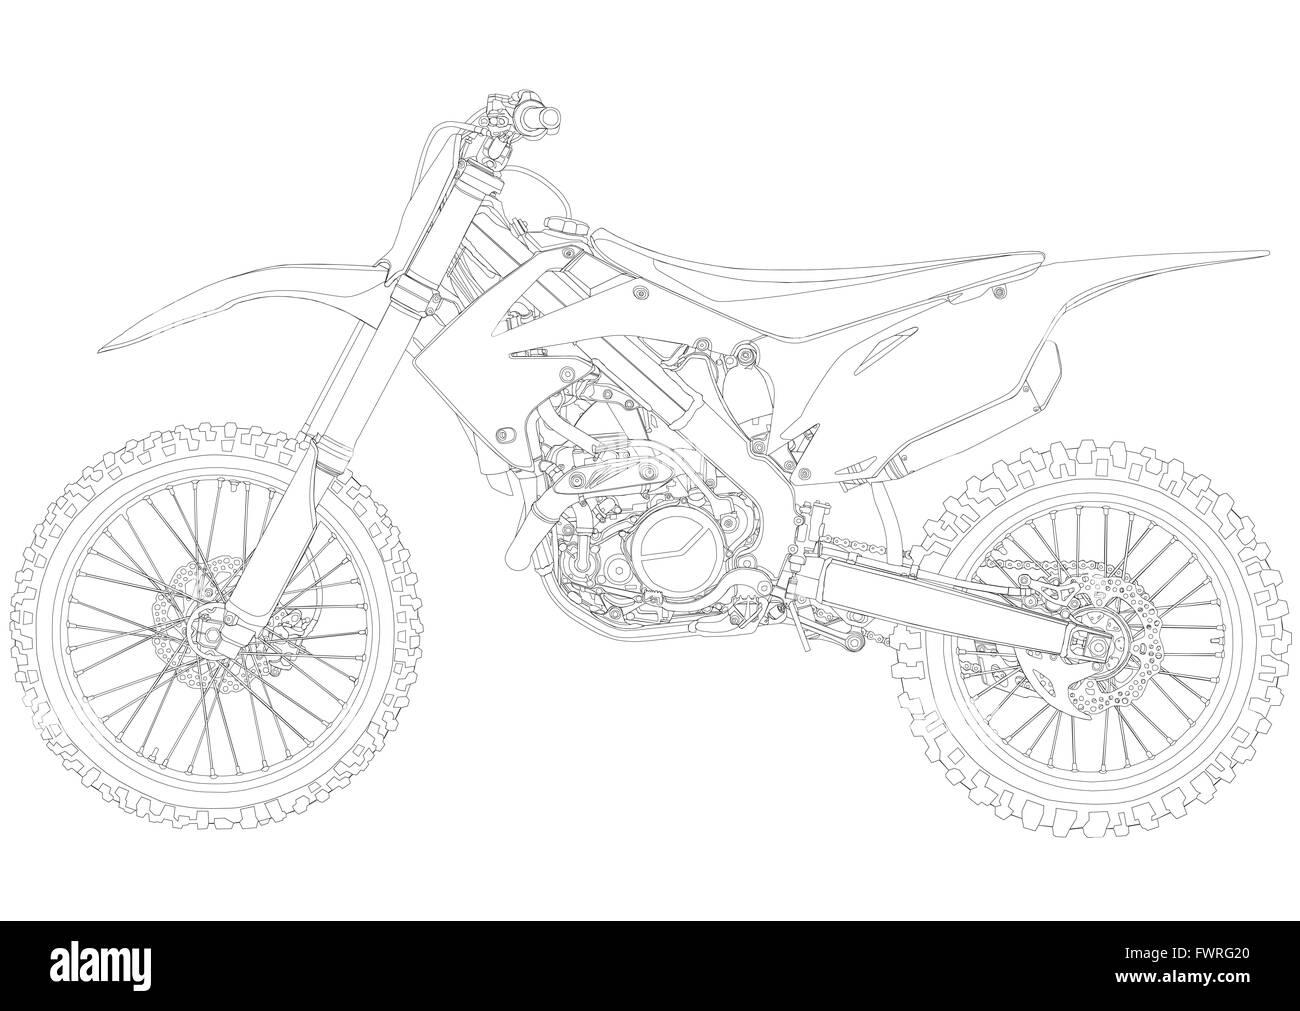 Disegno Della Linea Di Motocross Moto Dal Lato Foto